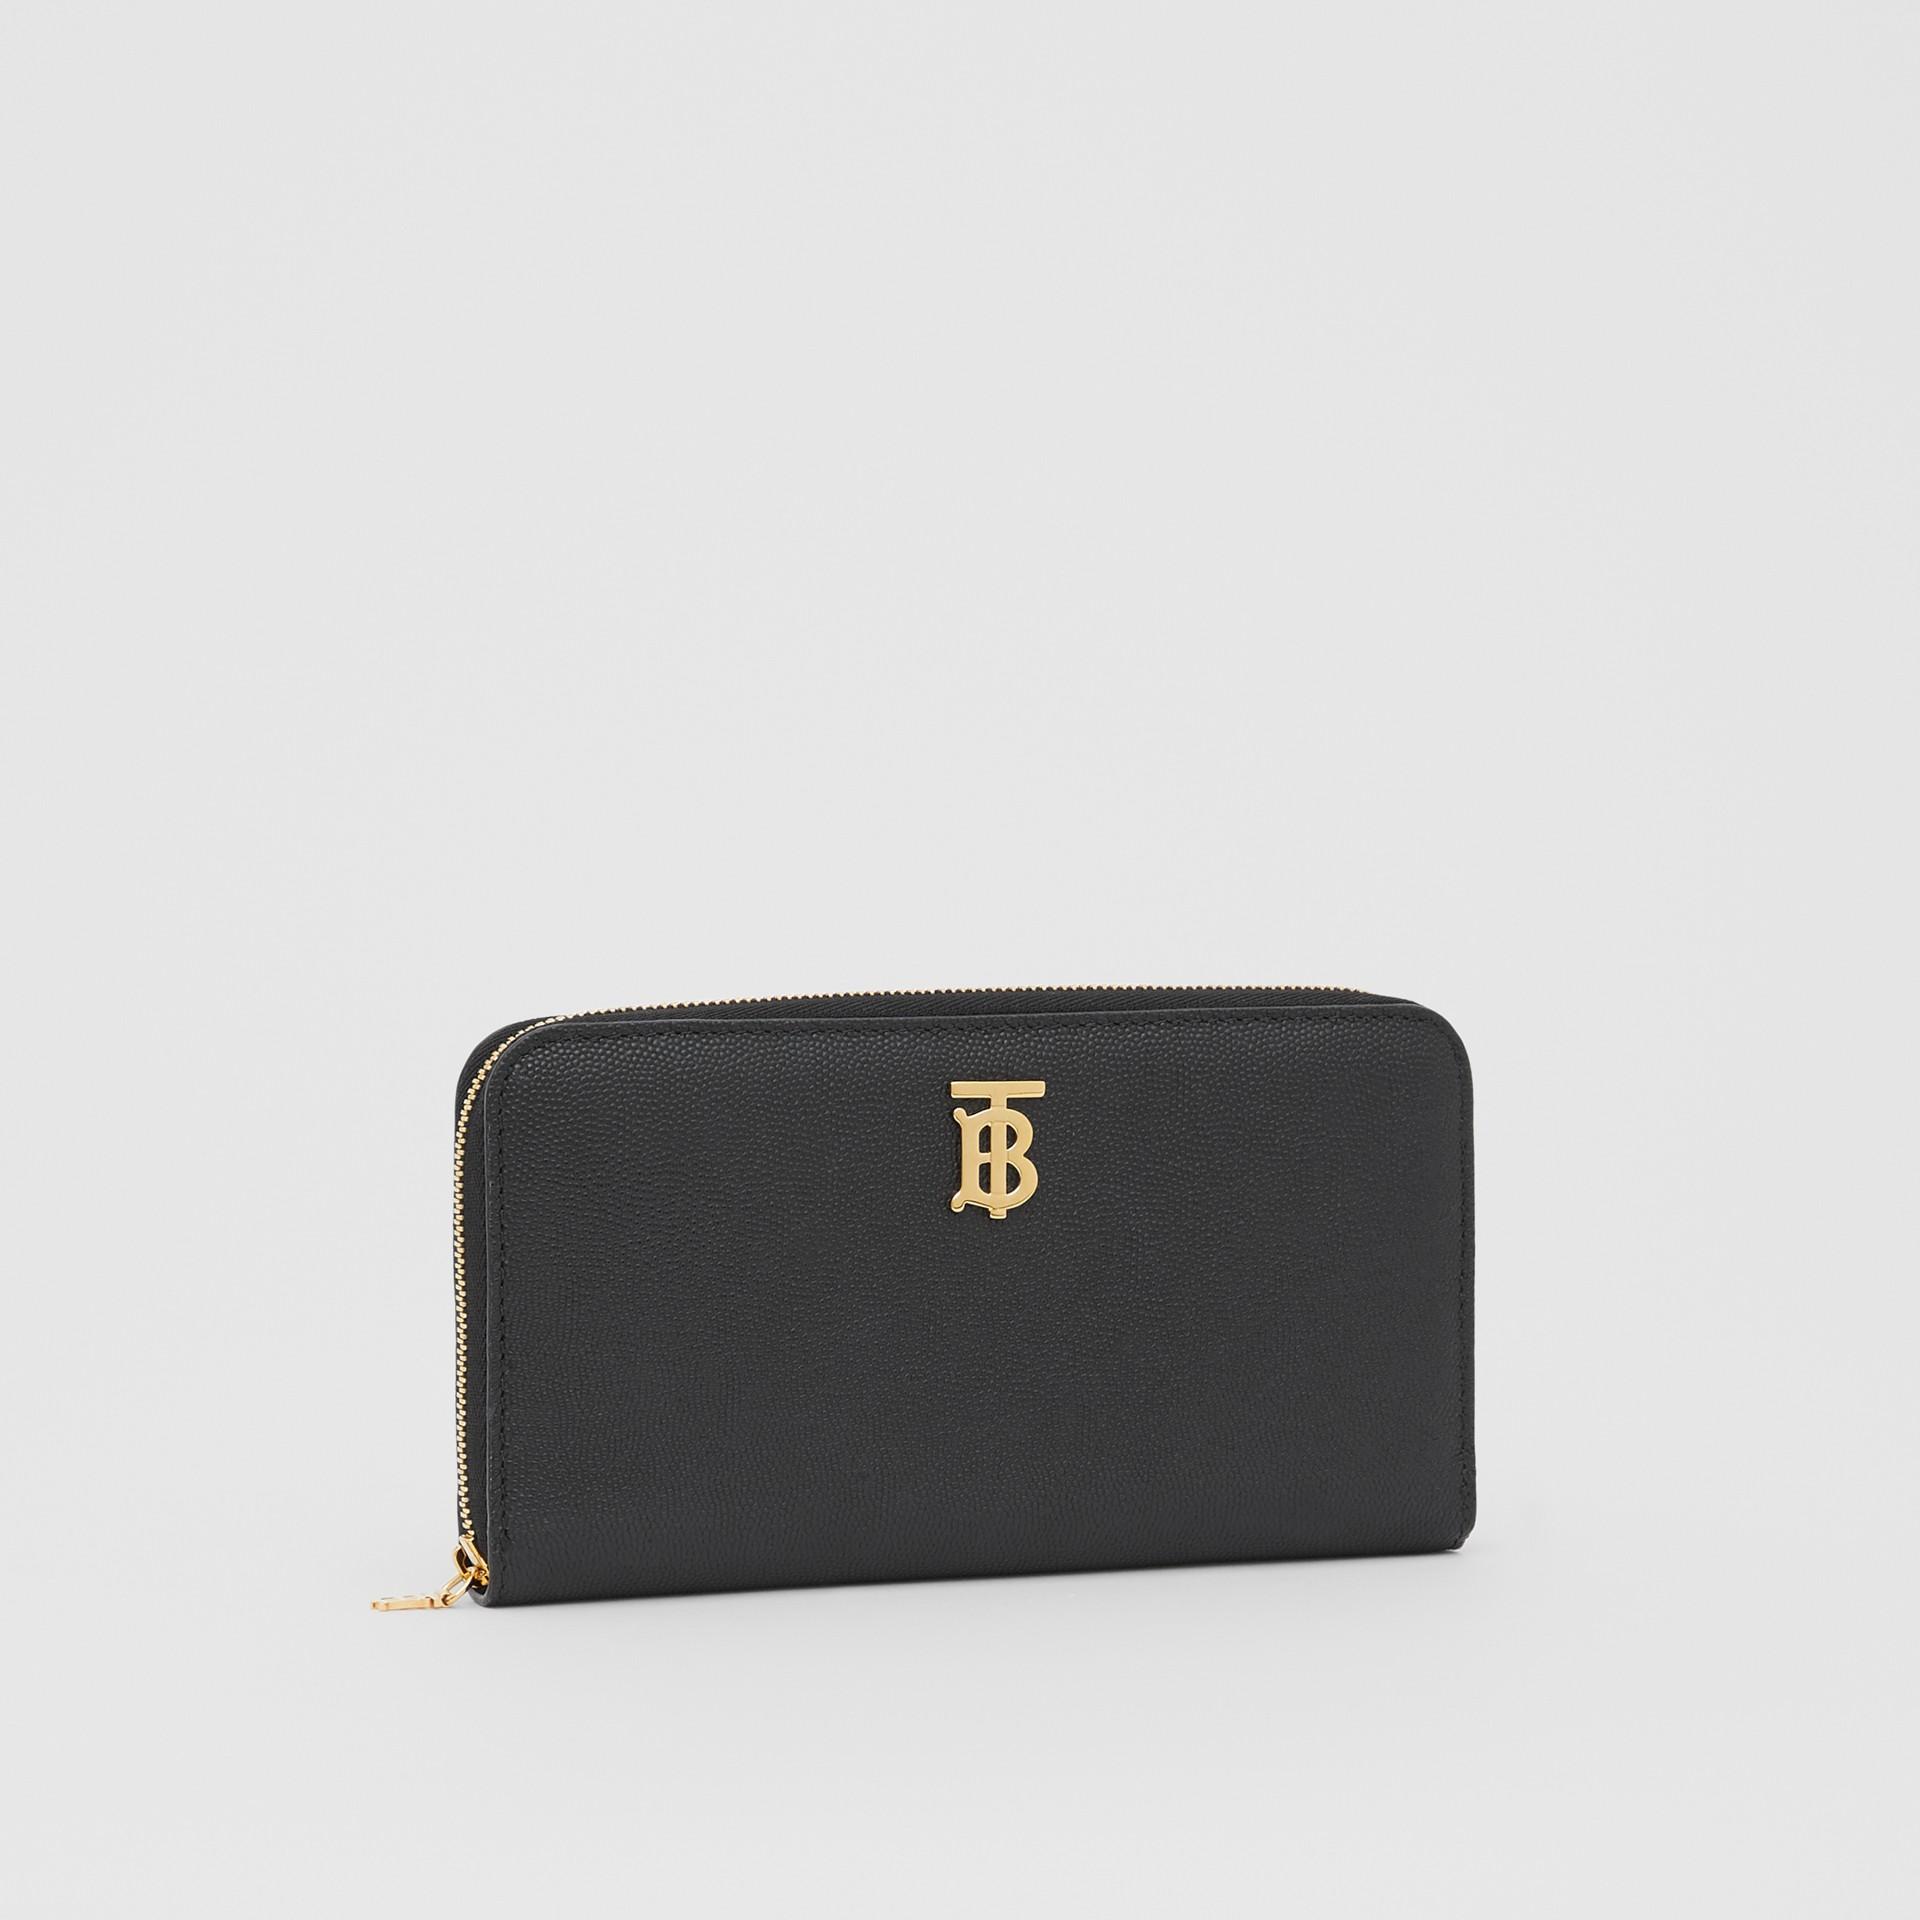 Portefeuille zippé en cuir grainé Monogram (Noir) - Femme | Burberry Canada - photo de la galerie 4